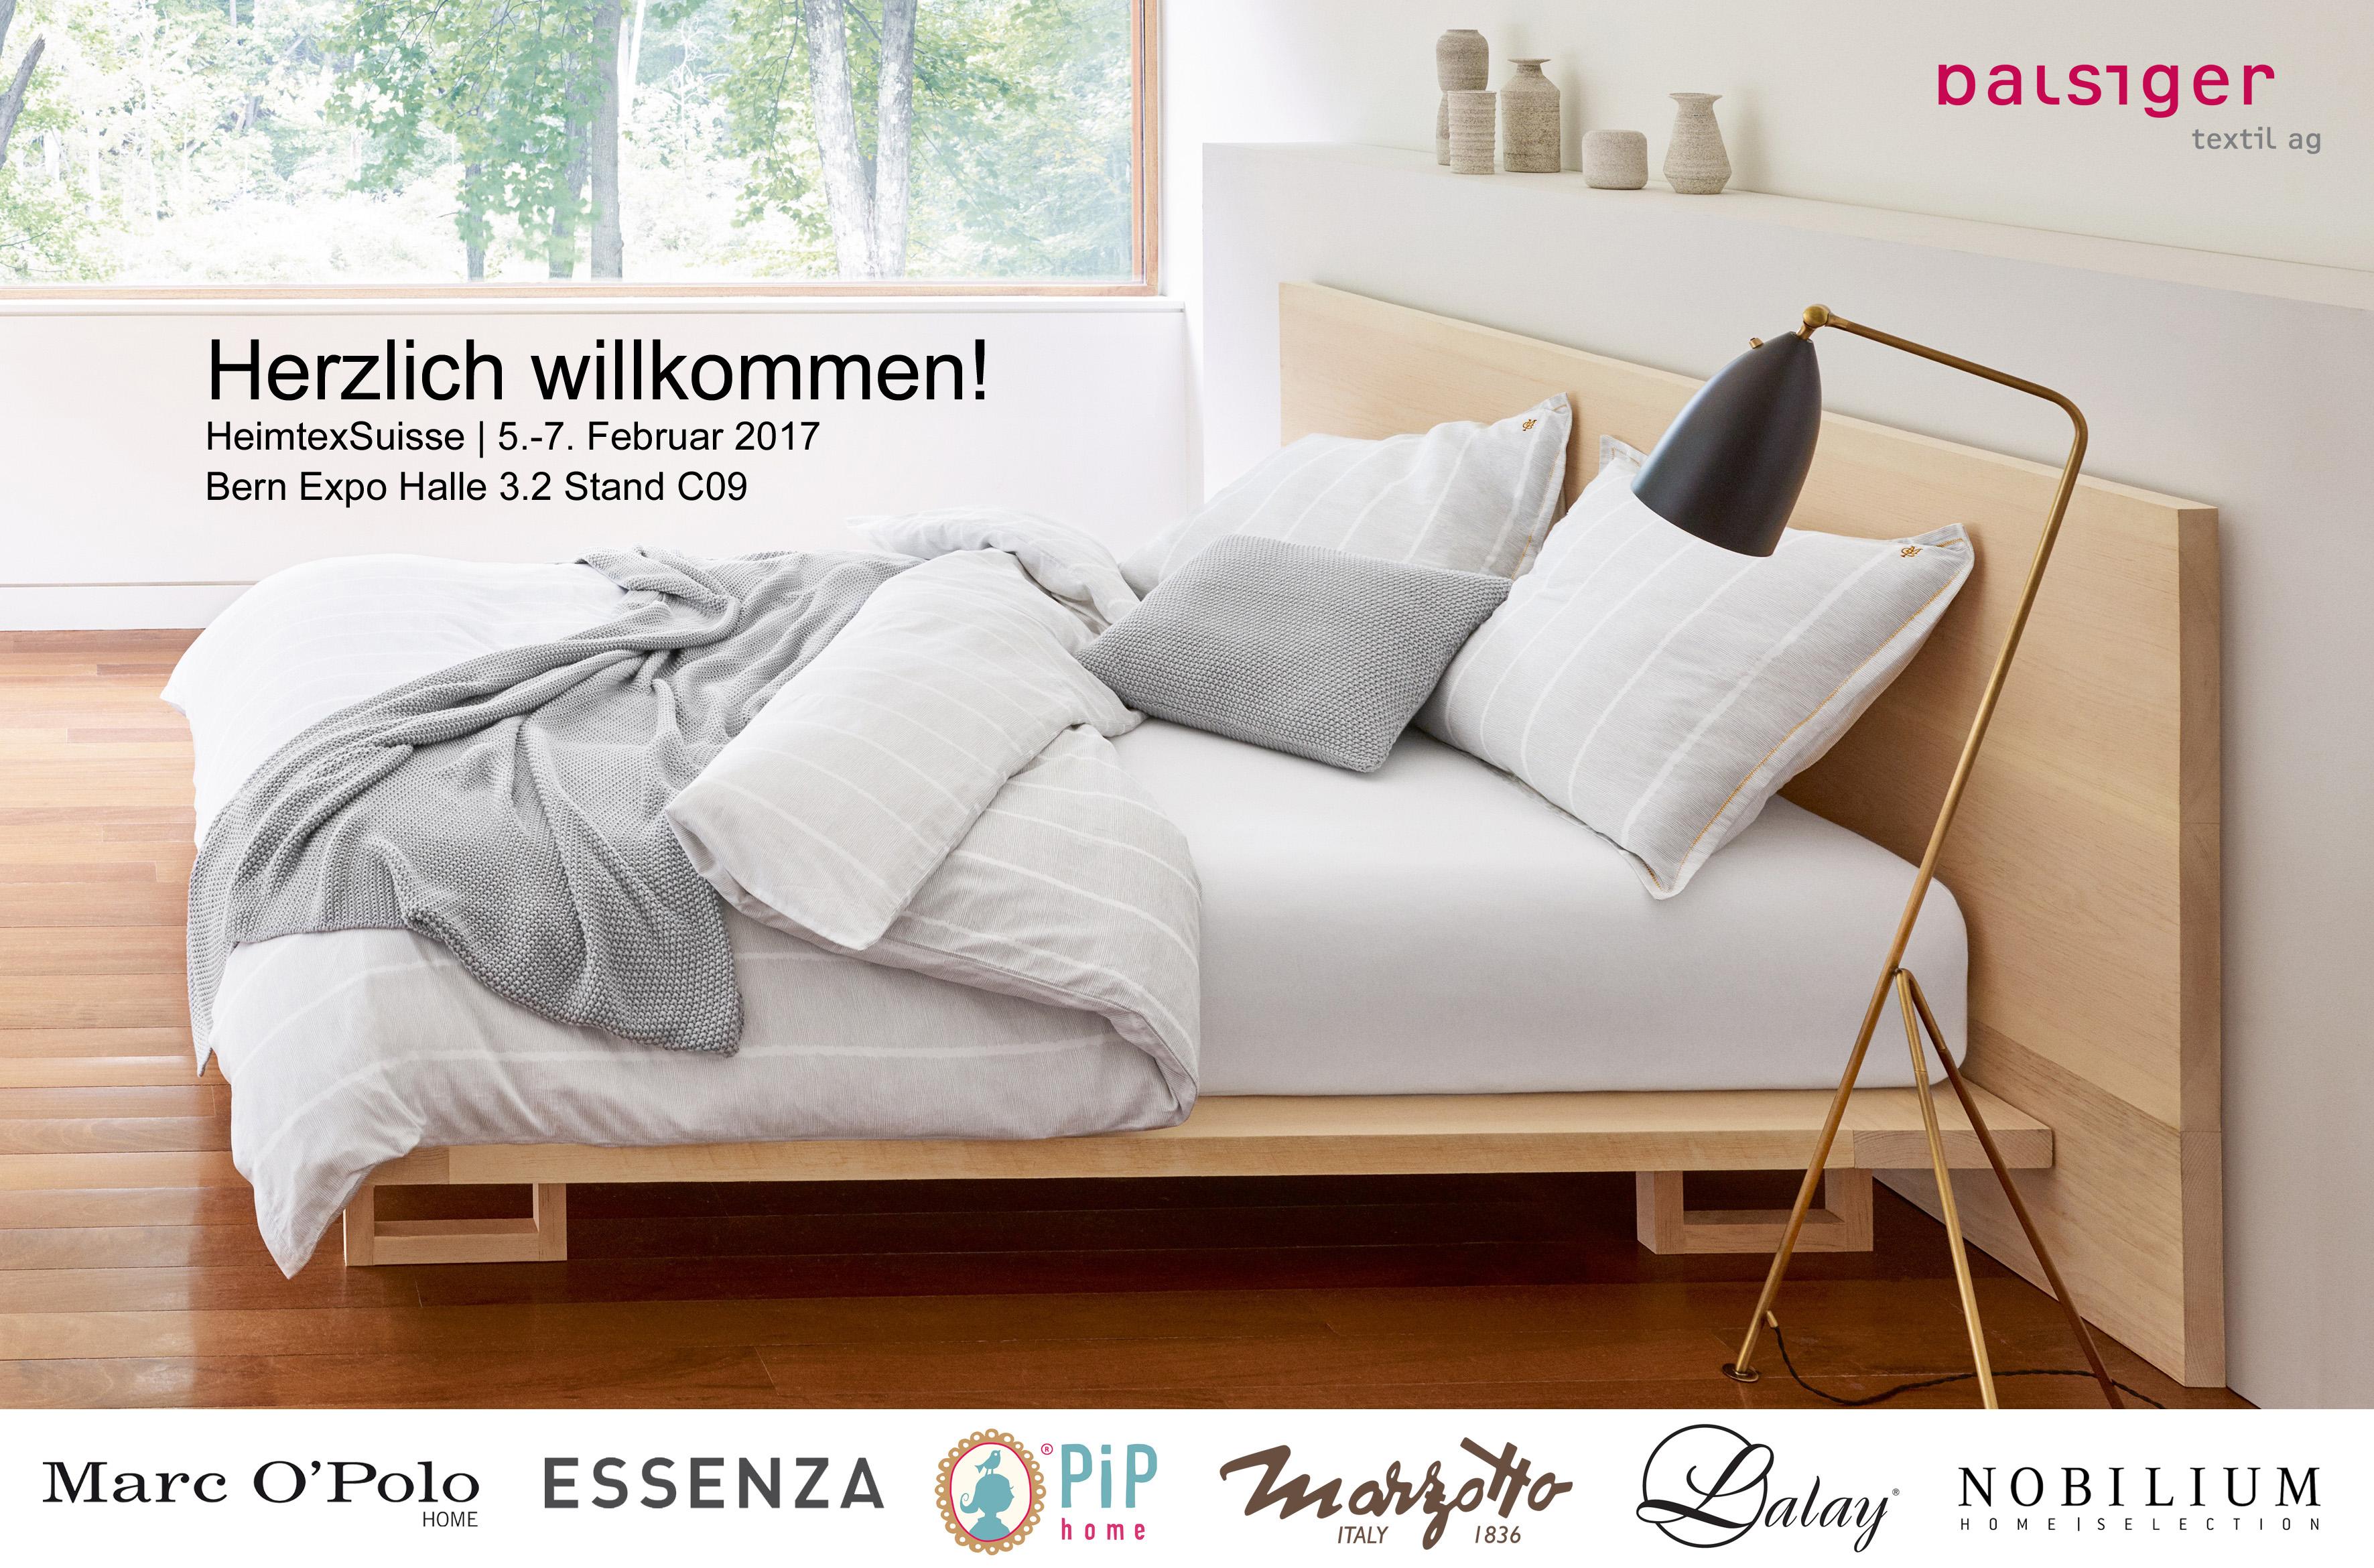 Essenza Home Archive Balsiger Textil